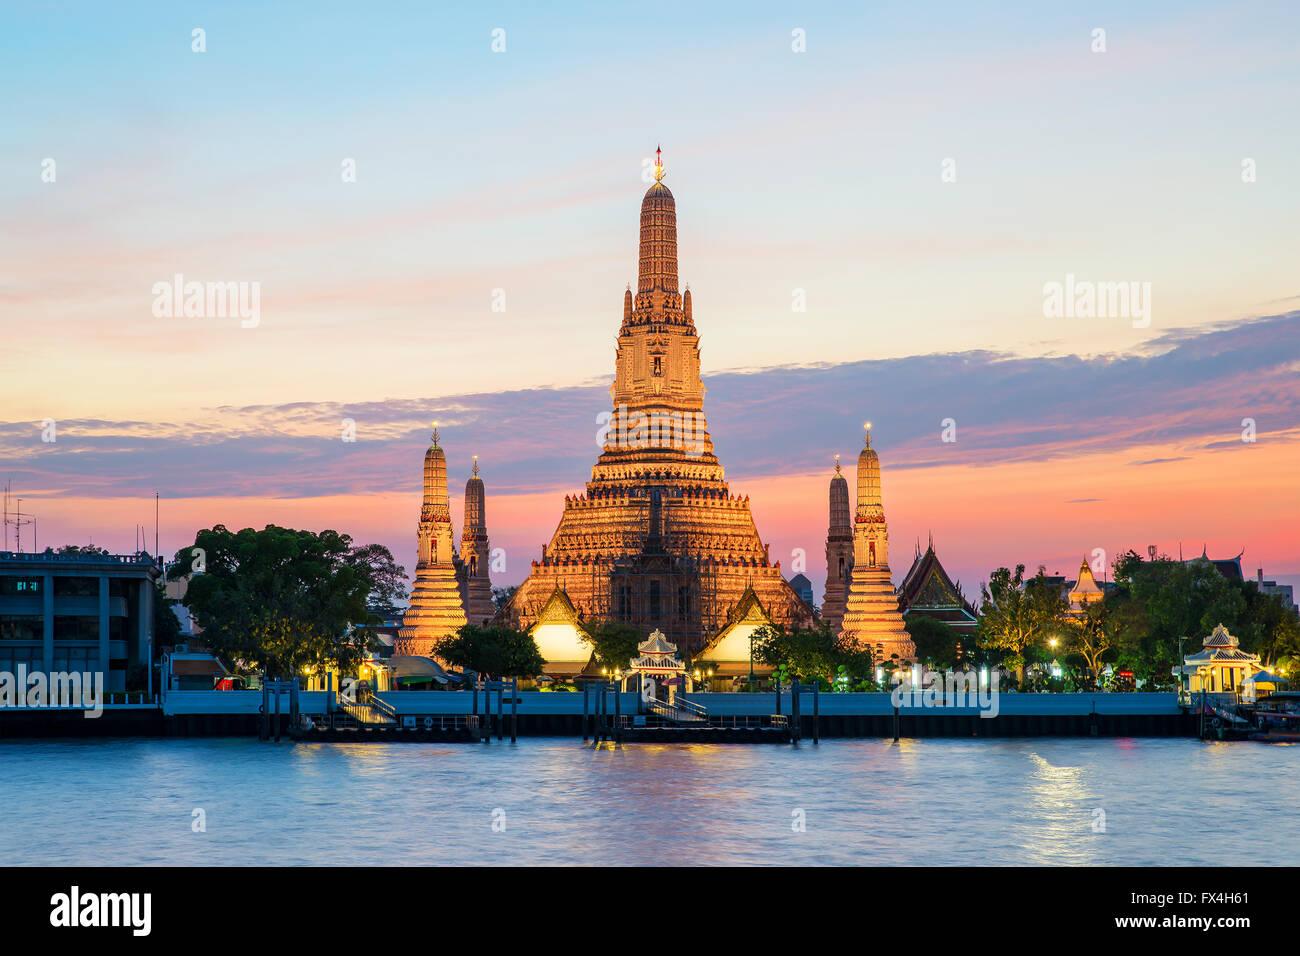 Templo Wat Arun y el río Chao Phraya, Bangkok, Tailandia Imagen De Stock